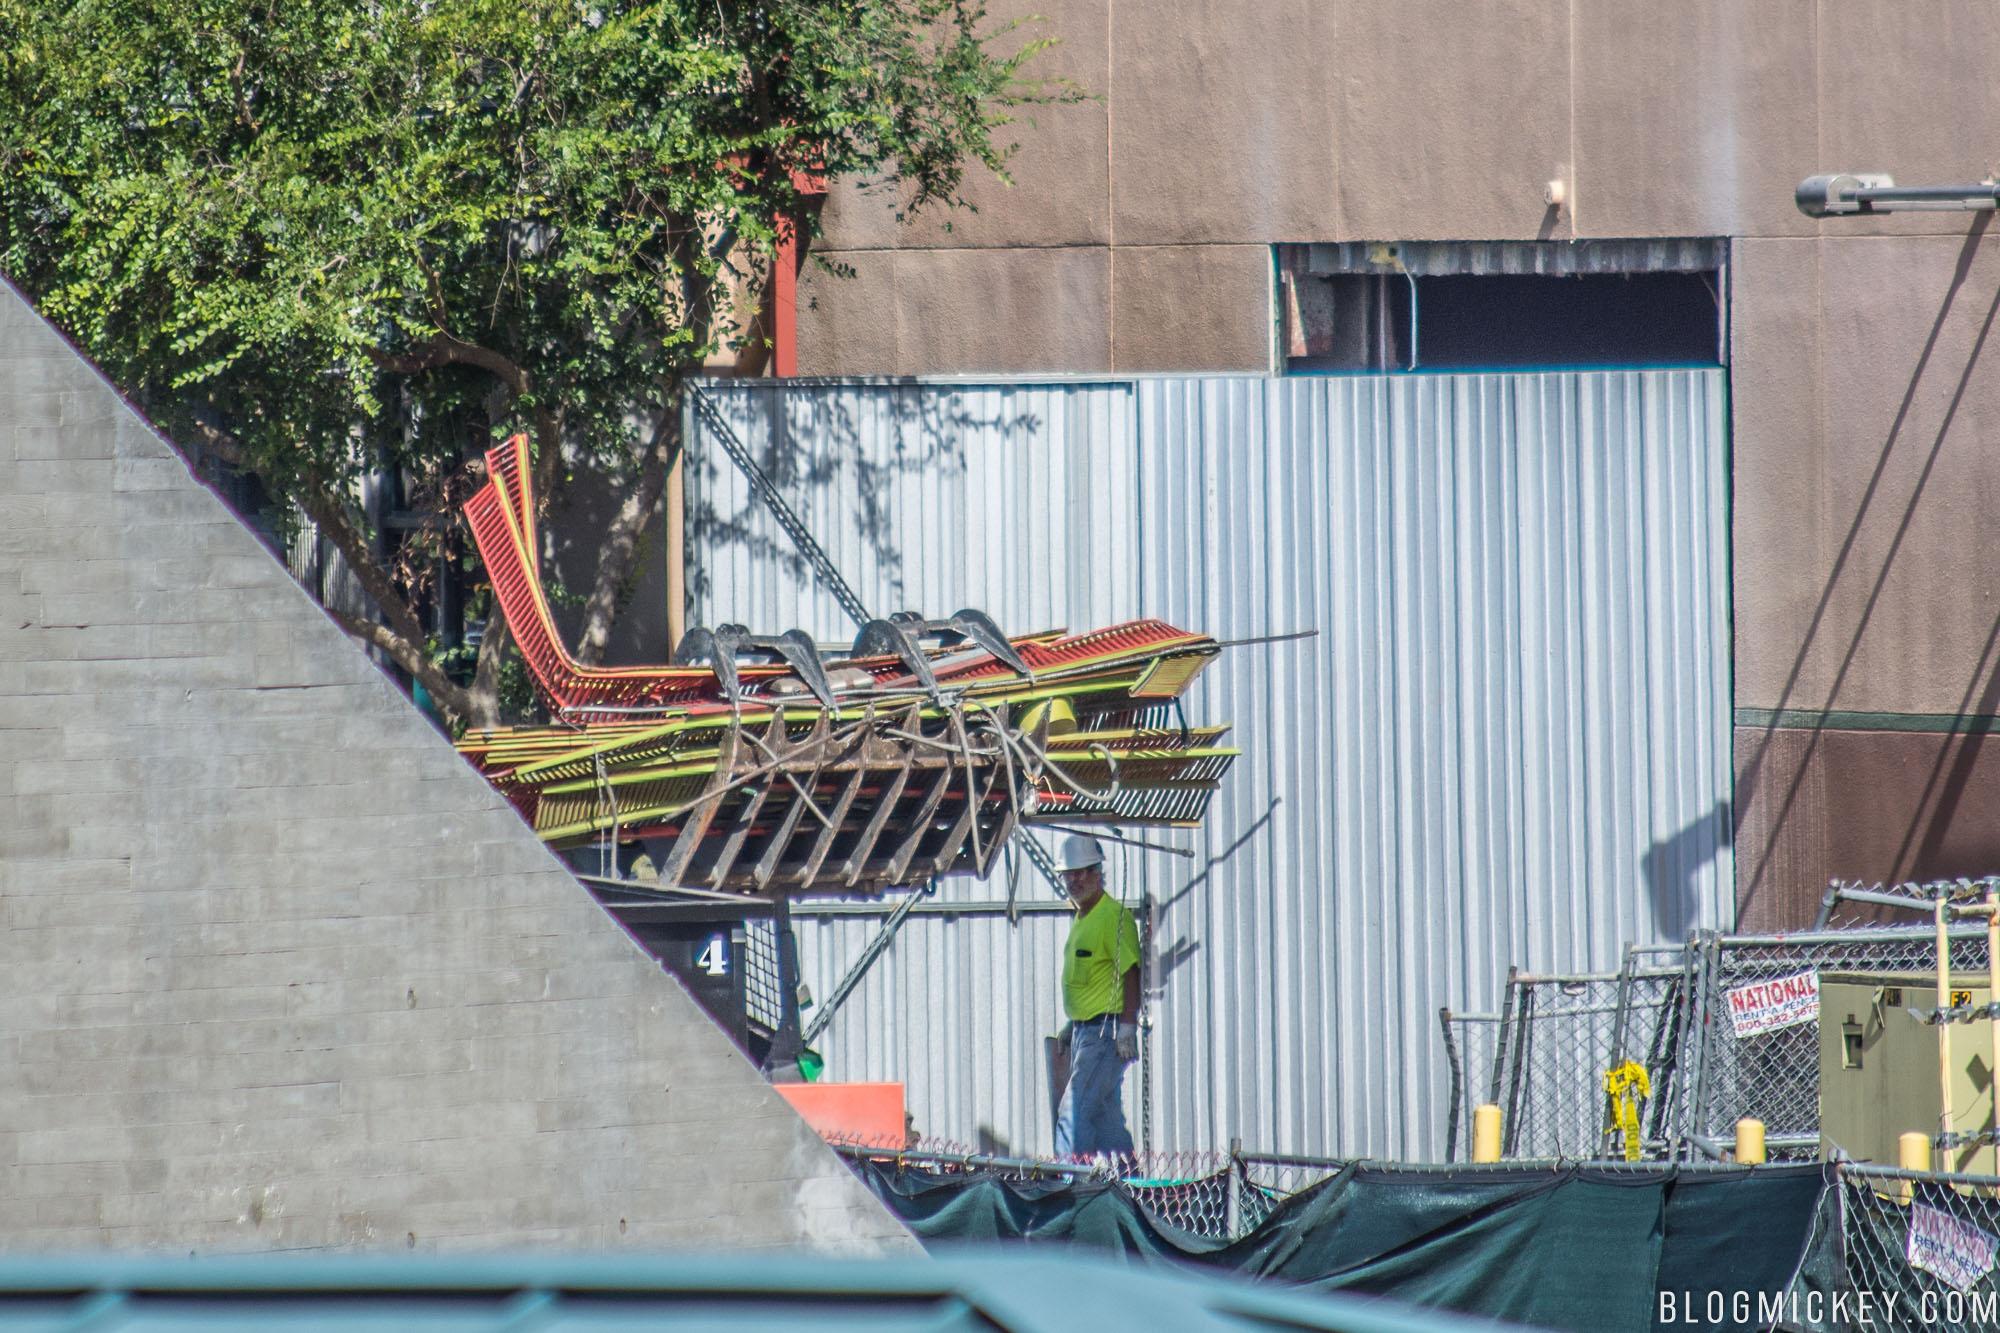 Roller Coaster Demolition : Photos demolition crews gutting the great movie ride